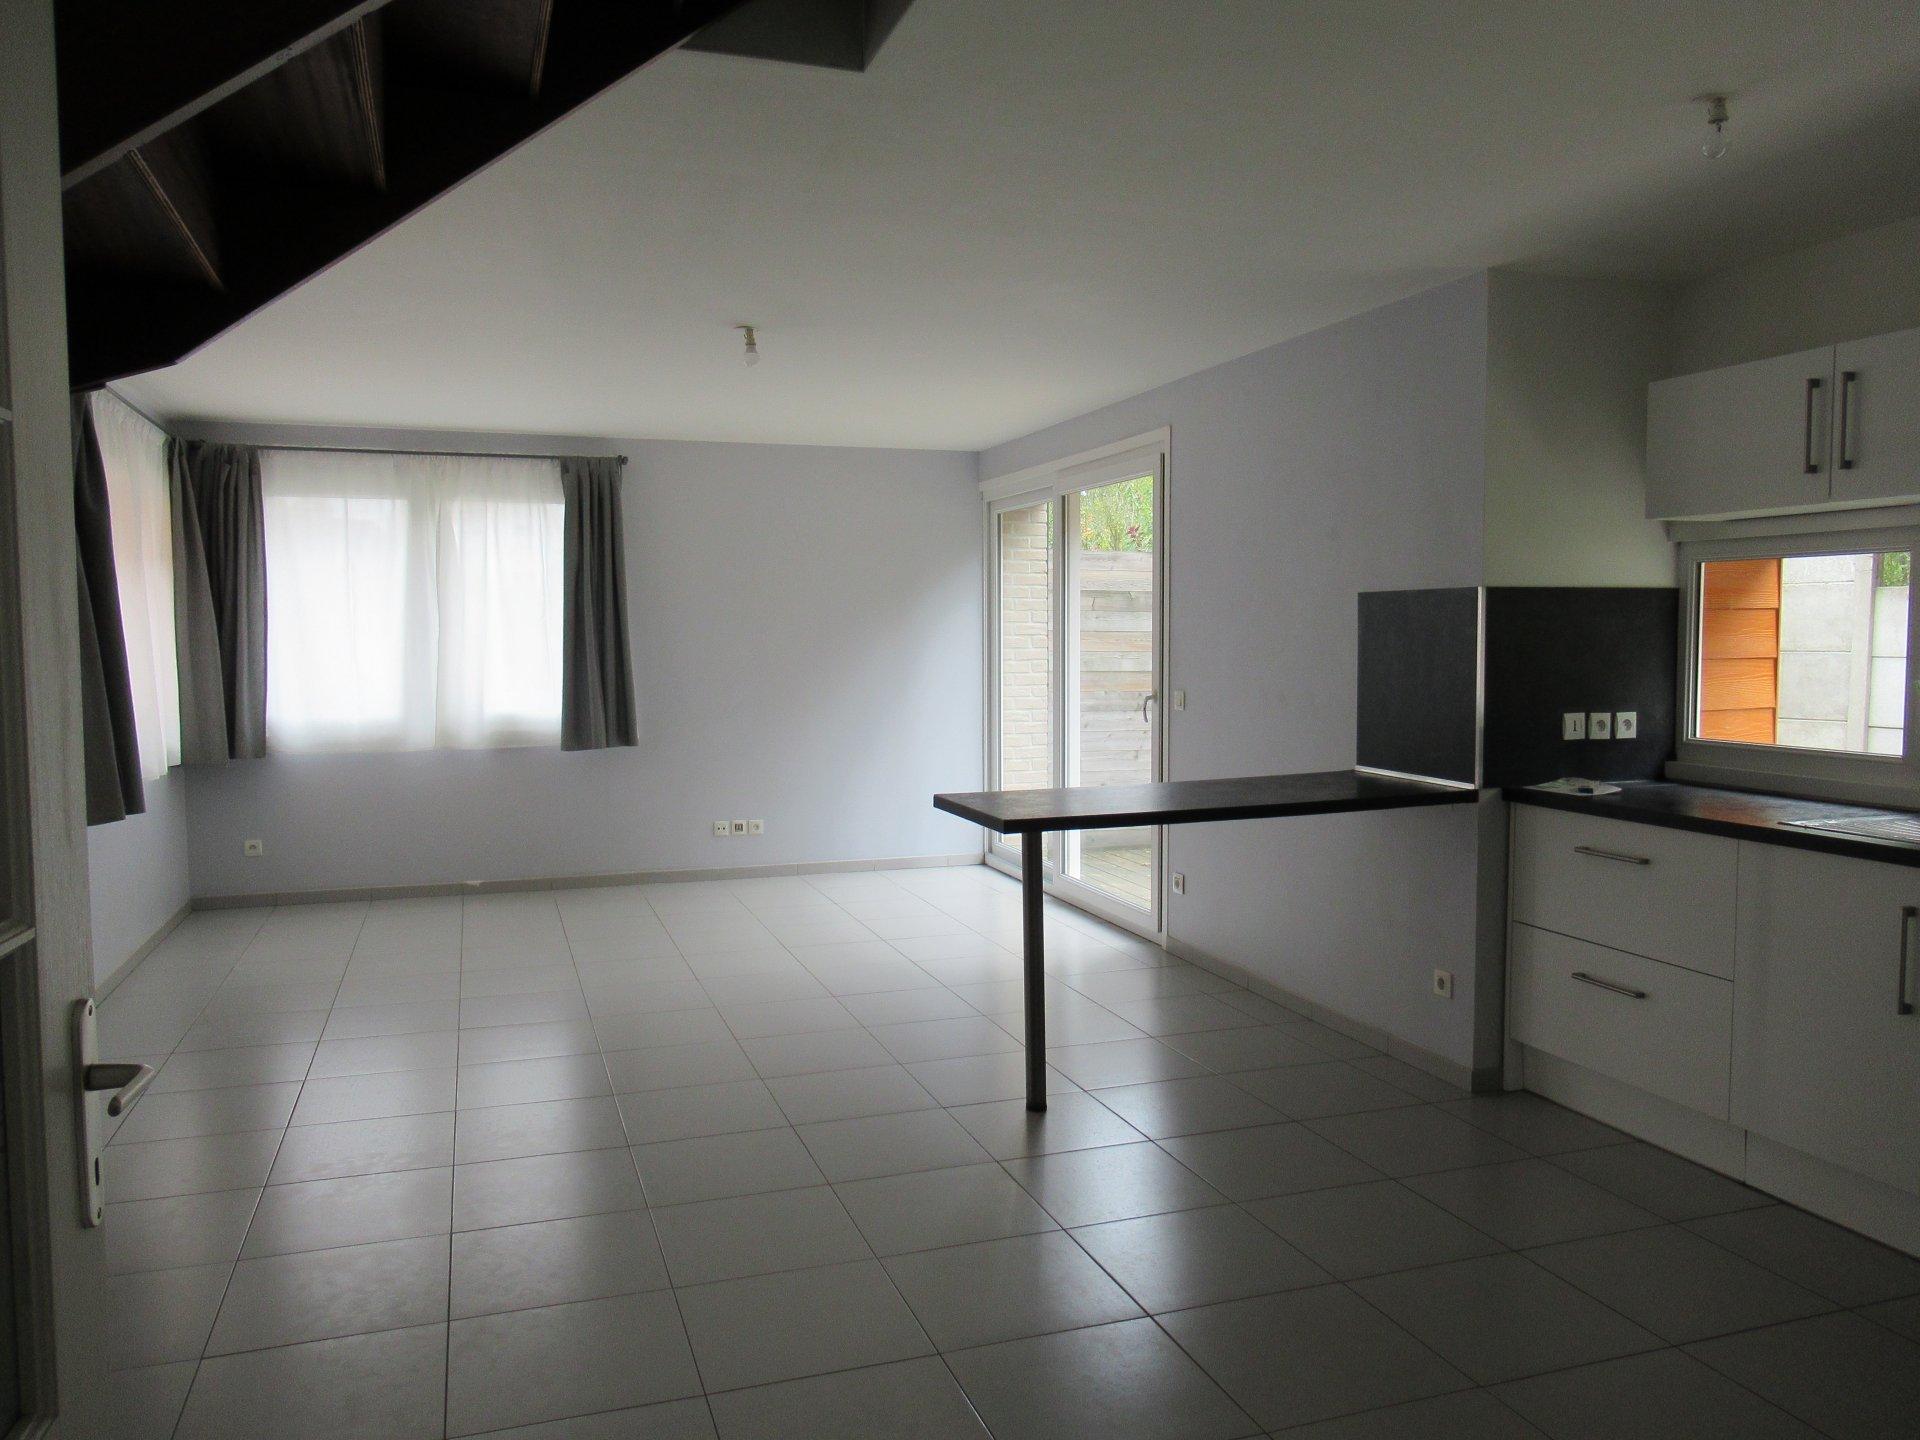 Sale Housing estate - Wattignies